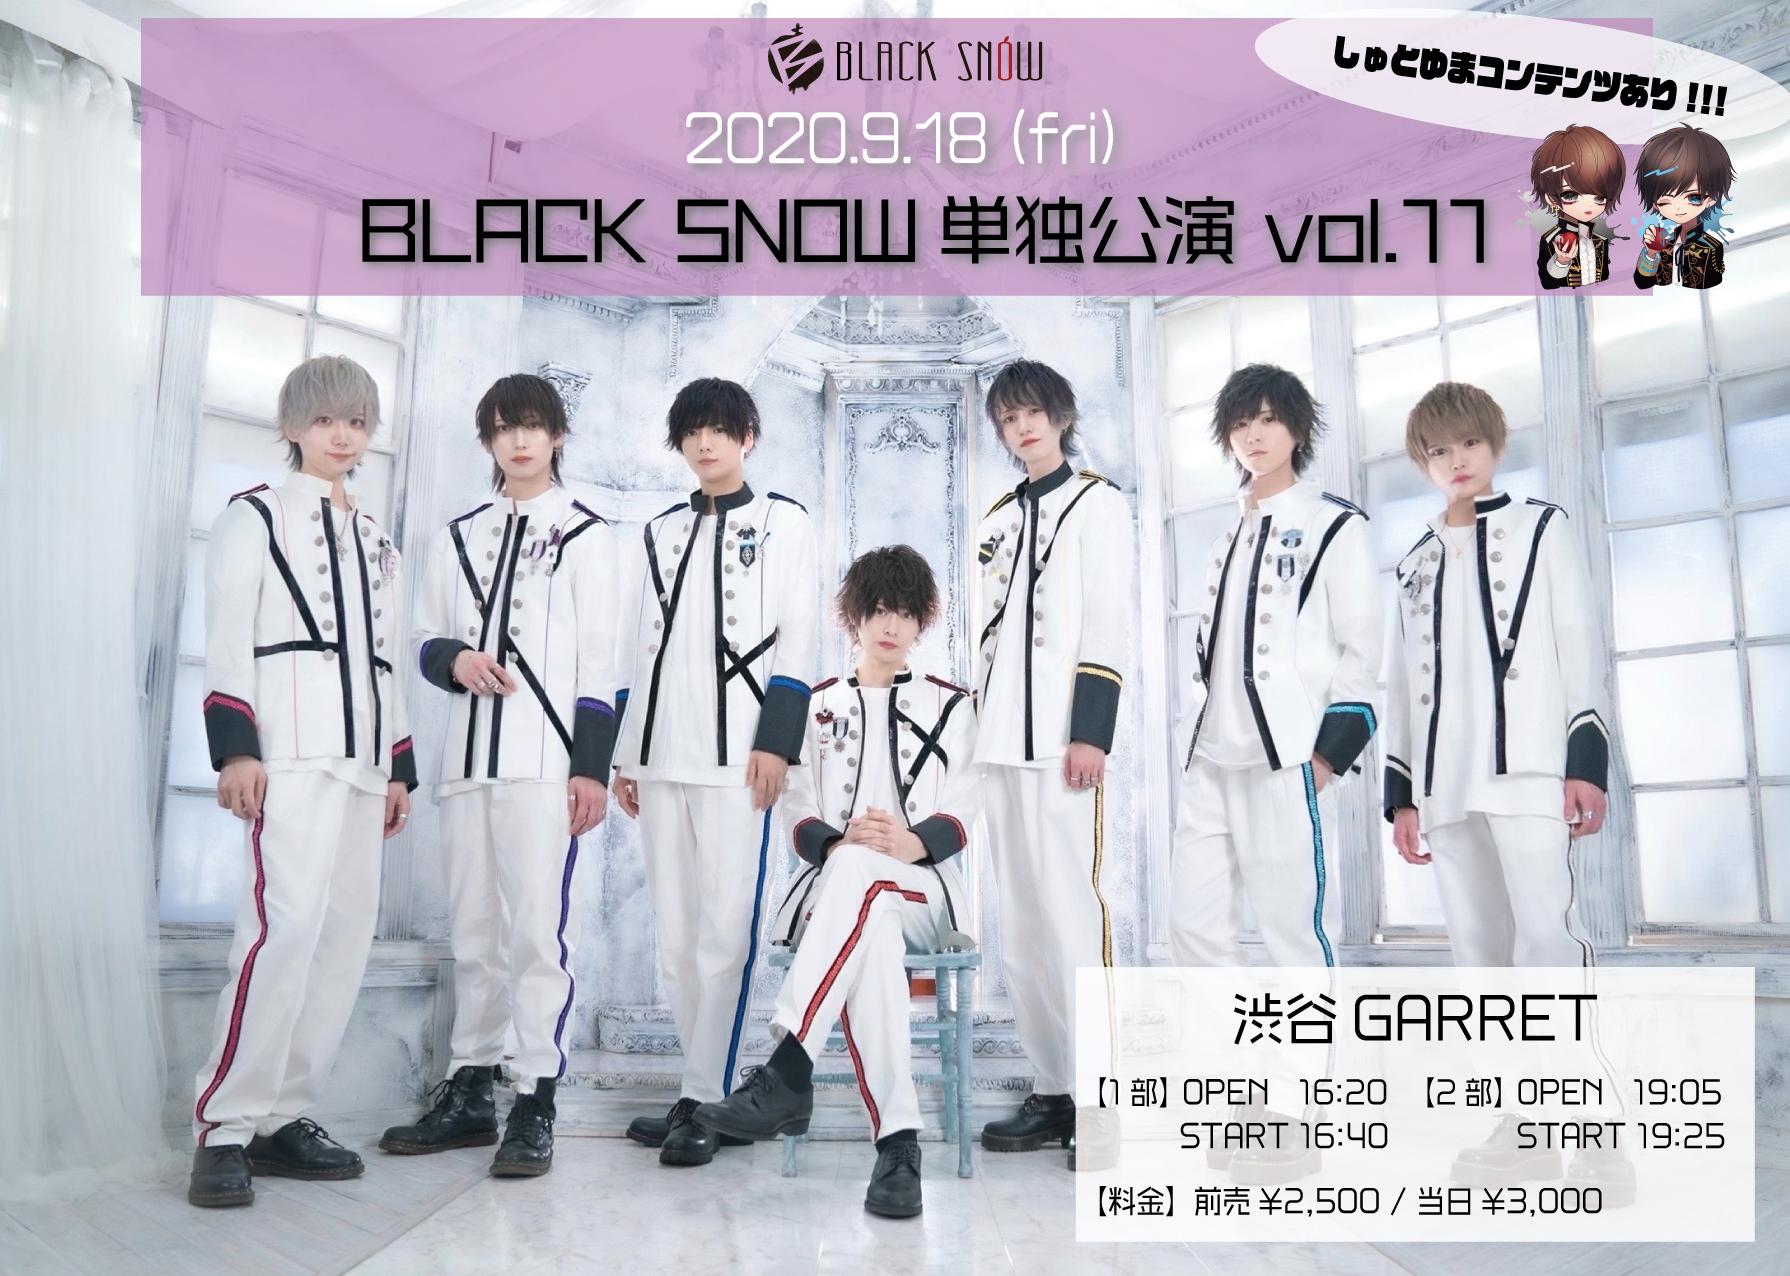 BLACK SNOW単独公演vol.11 【2部】